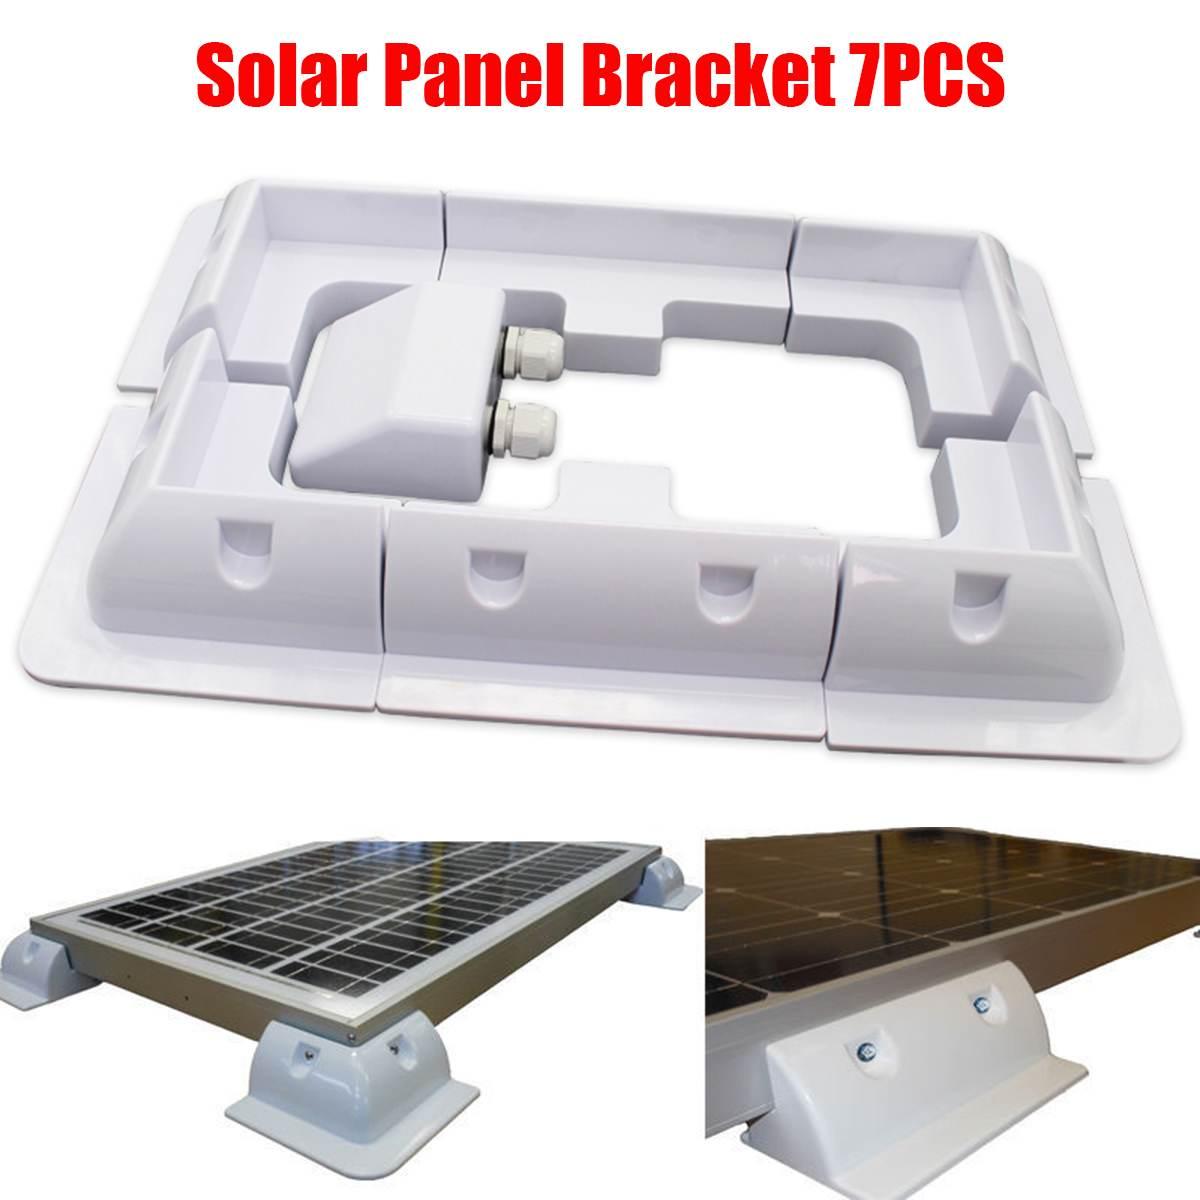 Kit de support de montage de panneau solaire ABS blanc de 7 pièces/ensemble Gand d'entrée de câble idéal pour caravane camping-car - 2